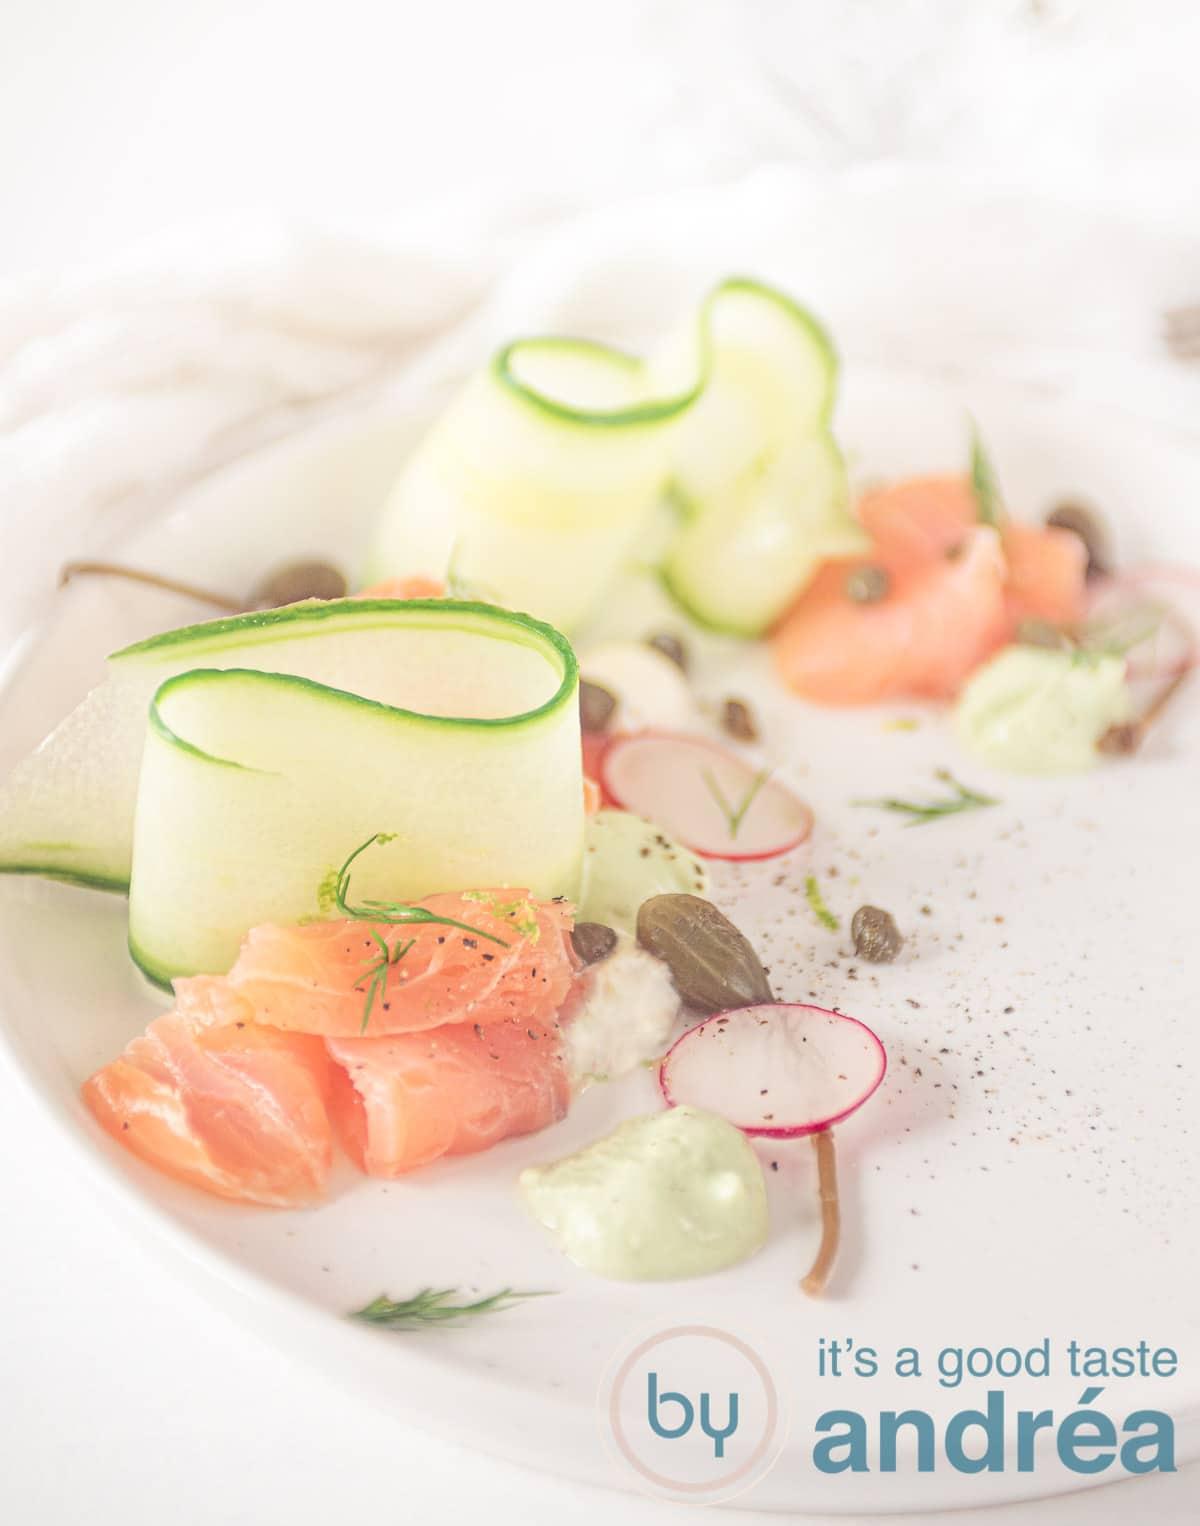 Een wit bord met rolletjes gerookte zalm, komkommer linten en garnering